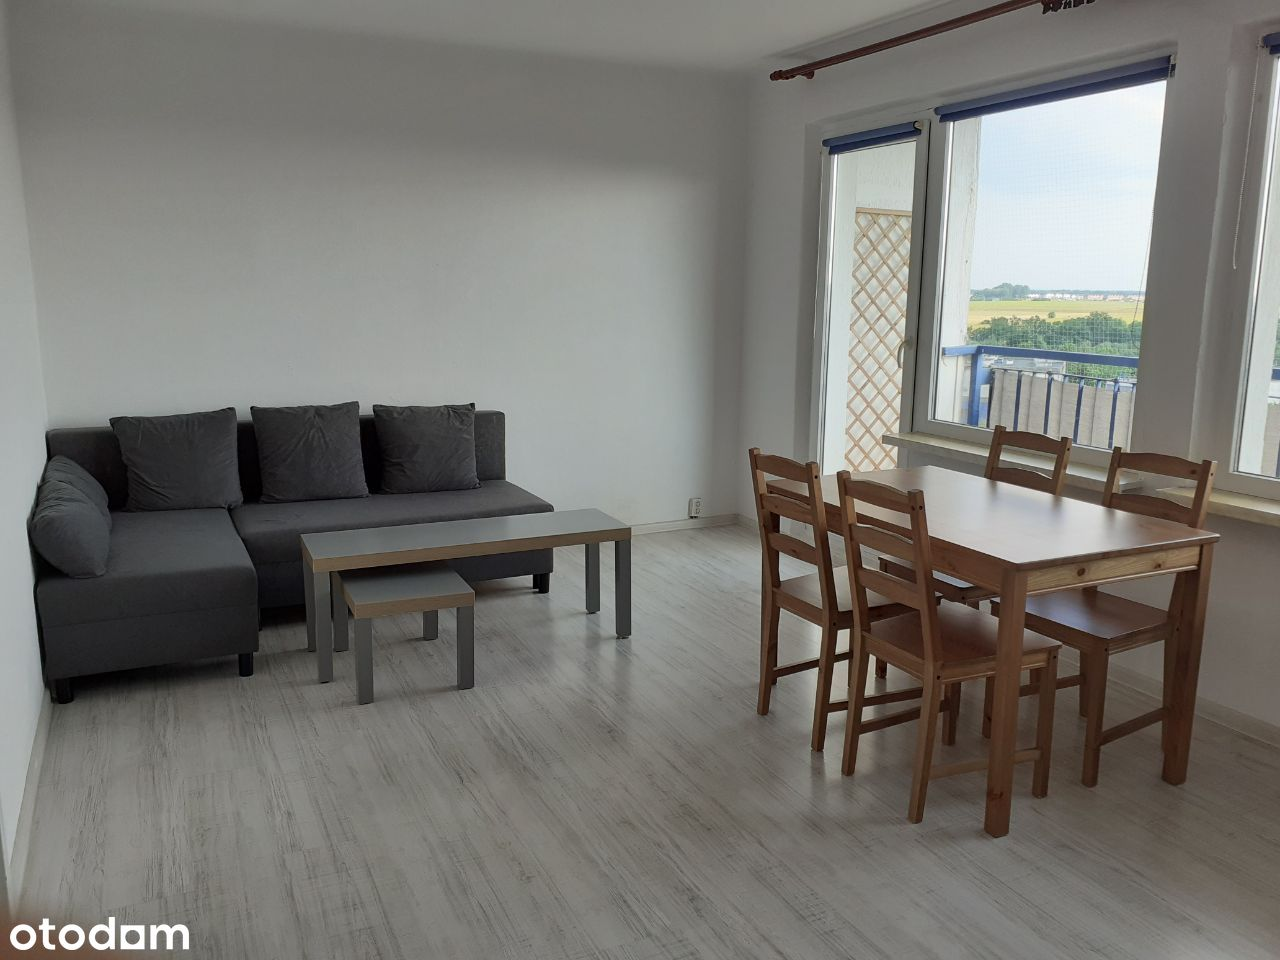 Mieszkanie 2 pokojowe (50 m.)